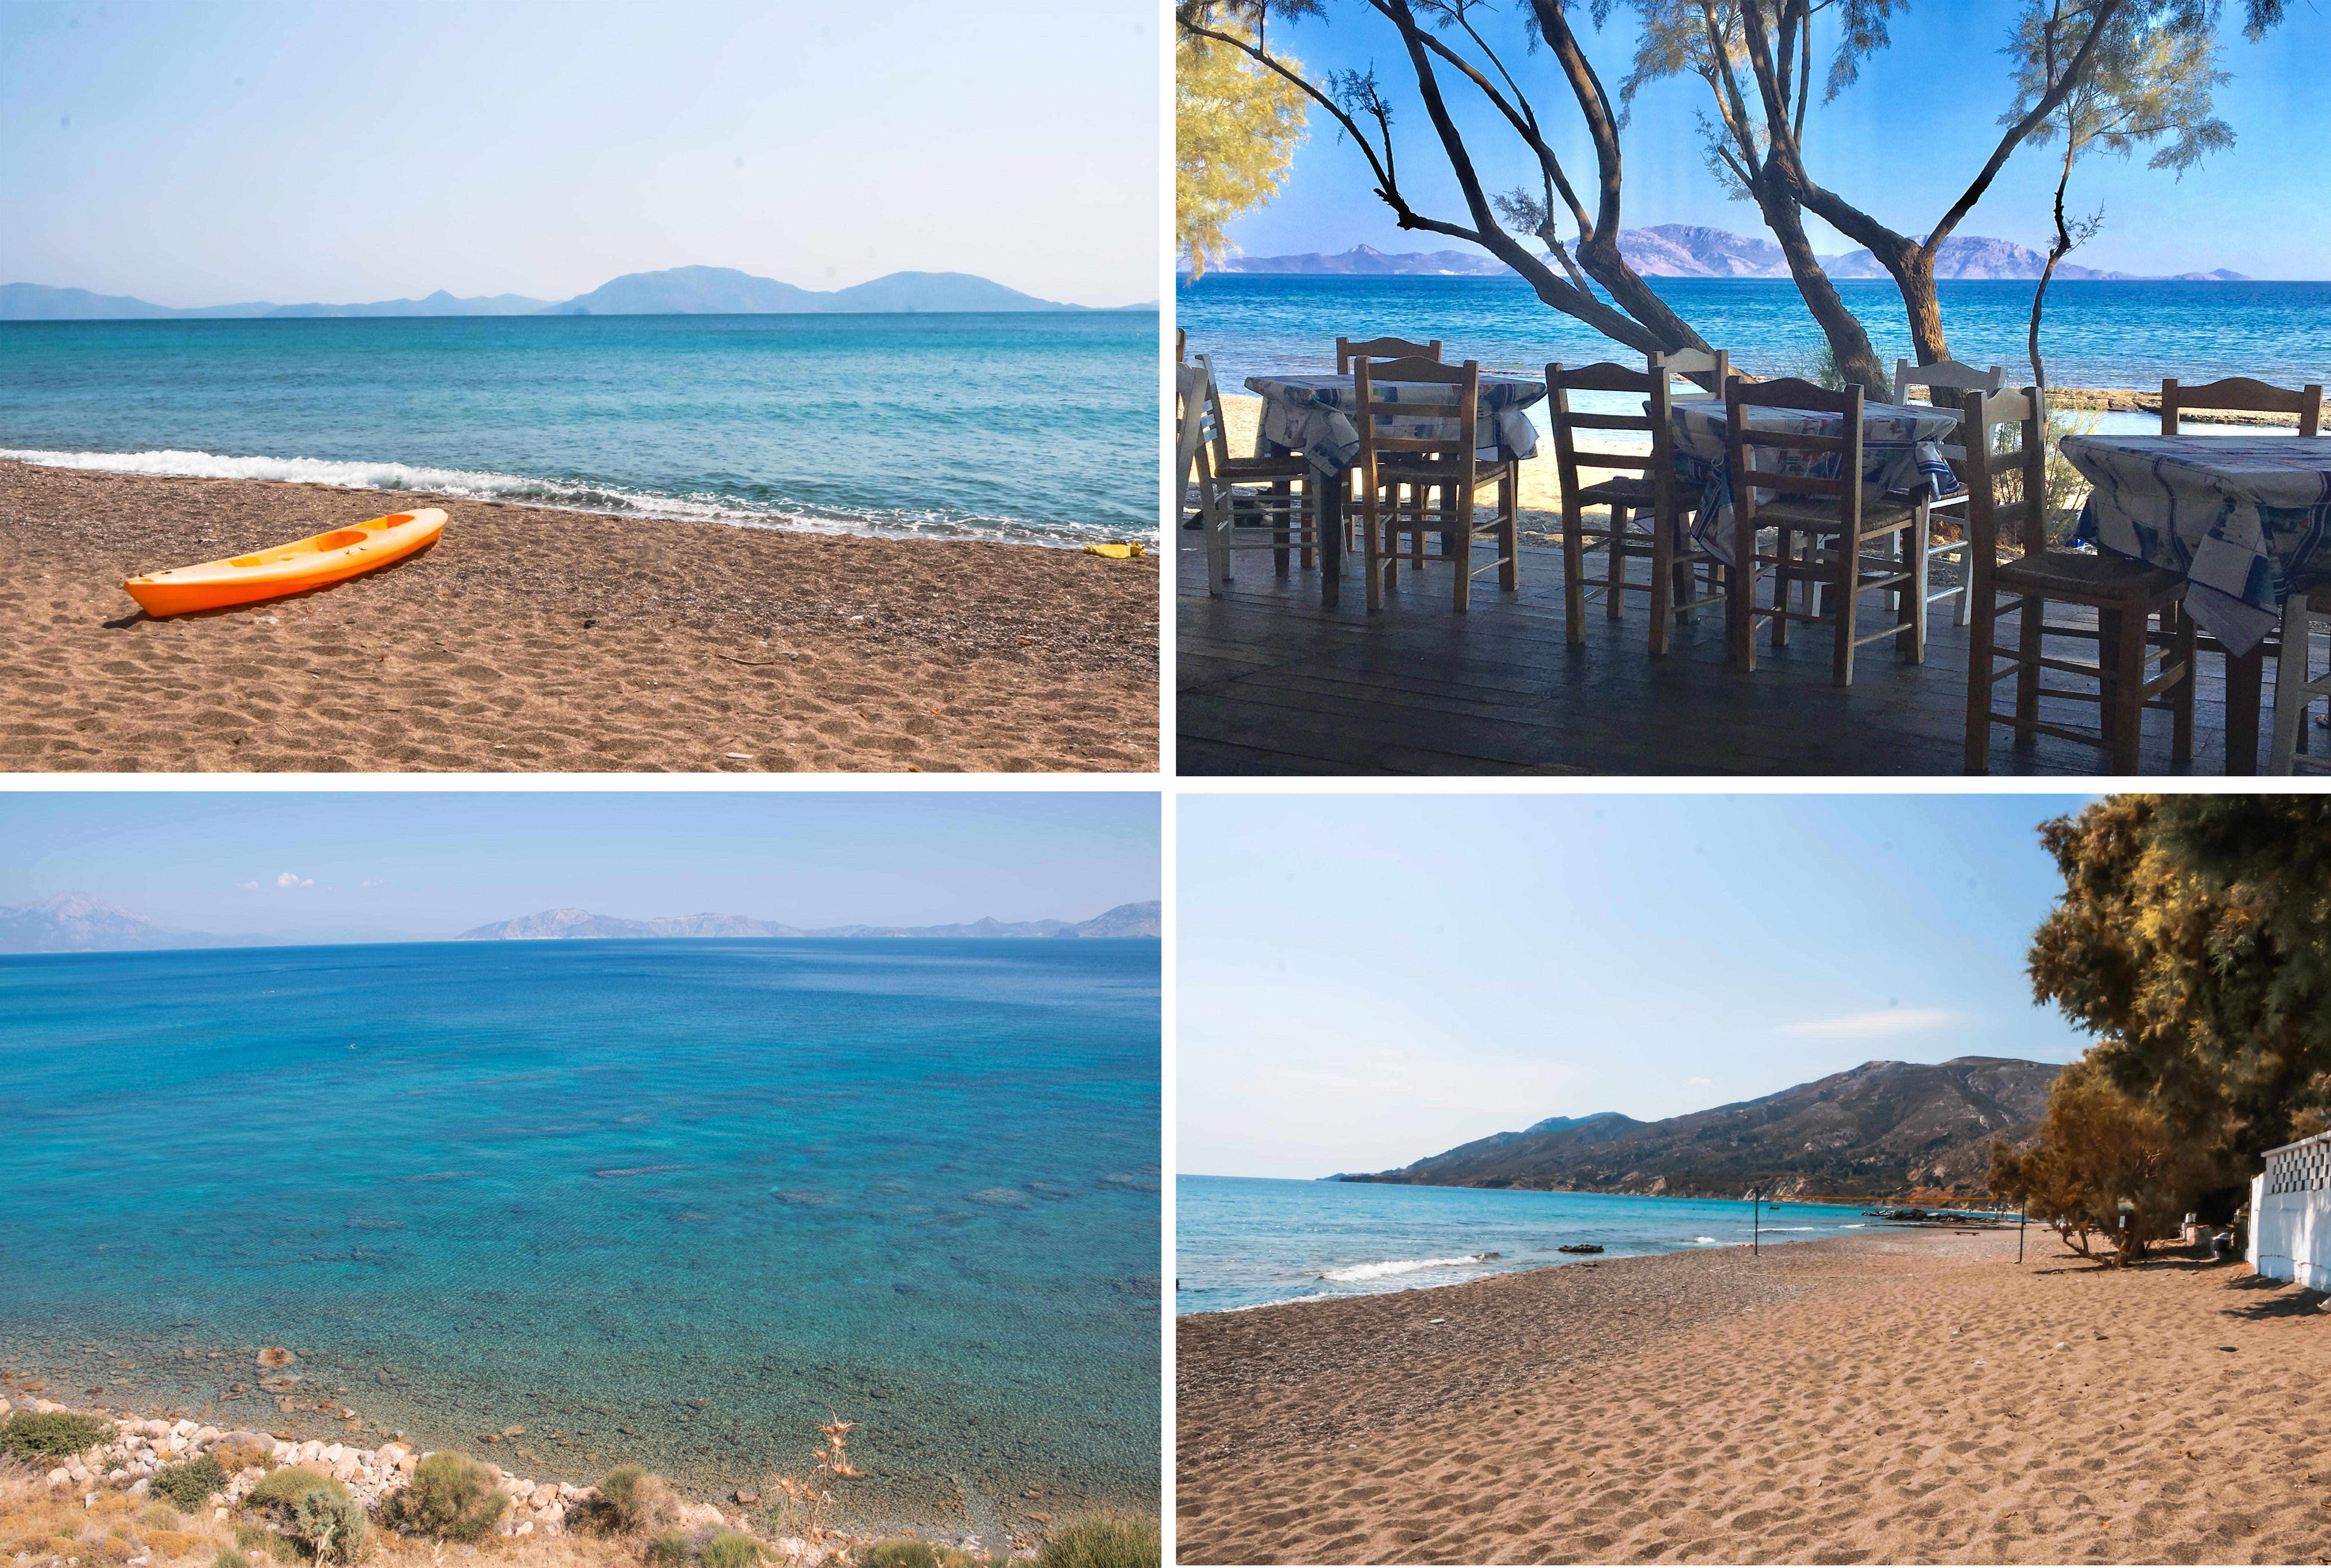 Fanari Beach im Südosten der Insel - schöner langer Strand mit Tavernen